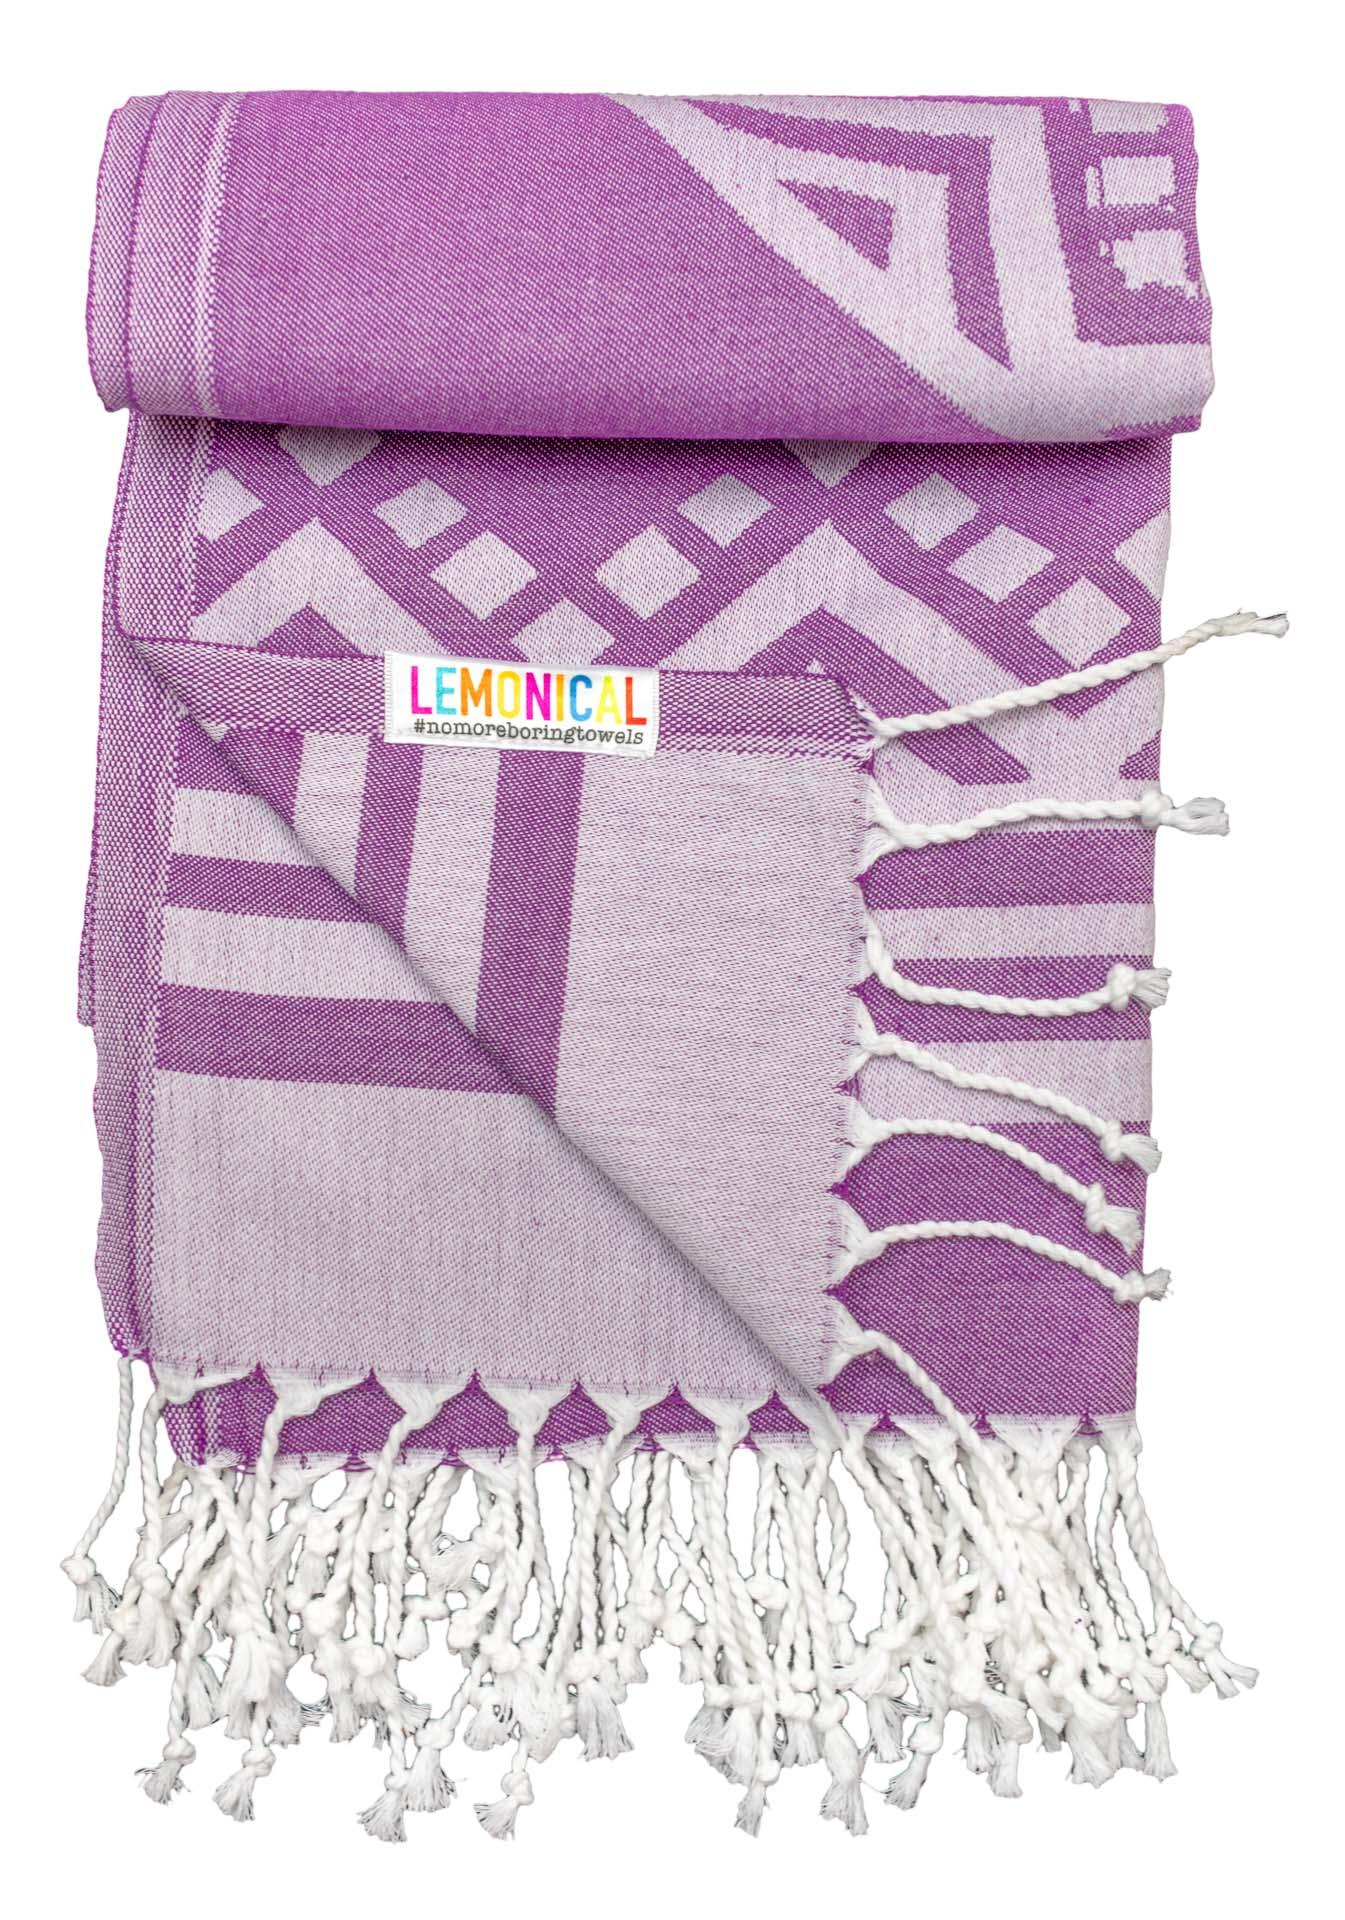 PURPLE-ELEPHANT-Towel-Lemonical-4